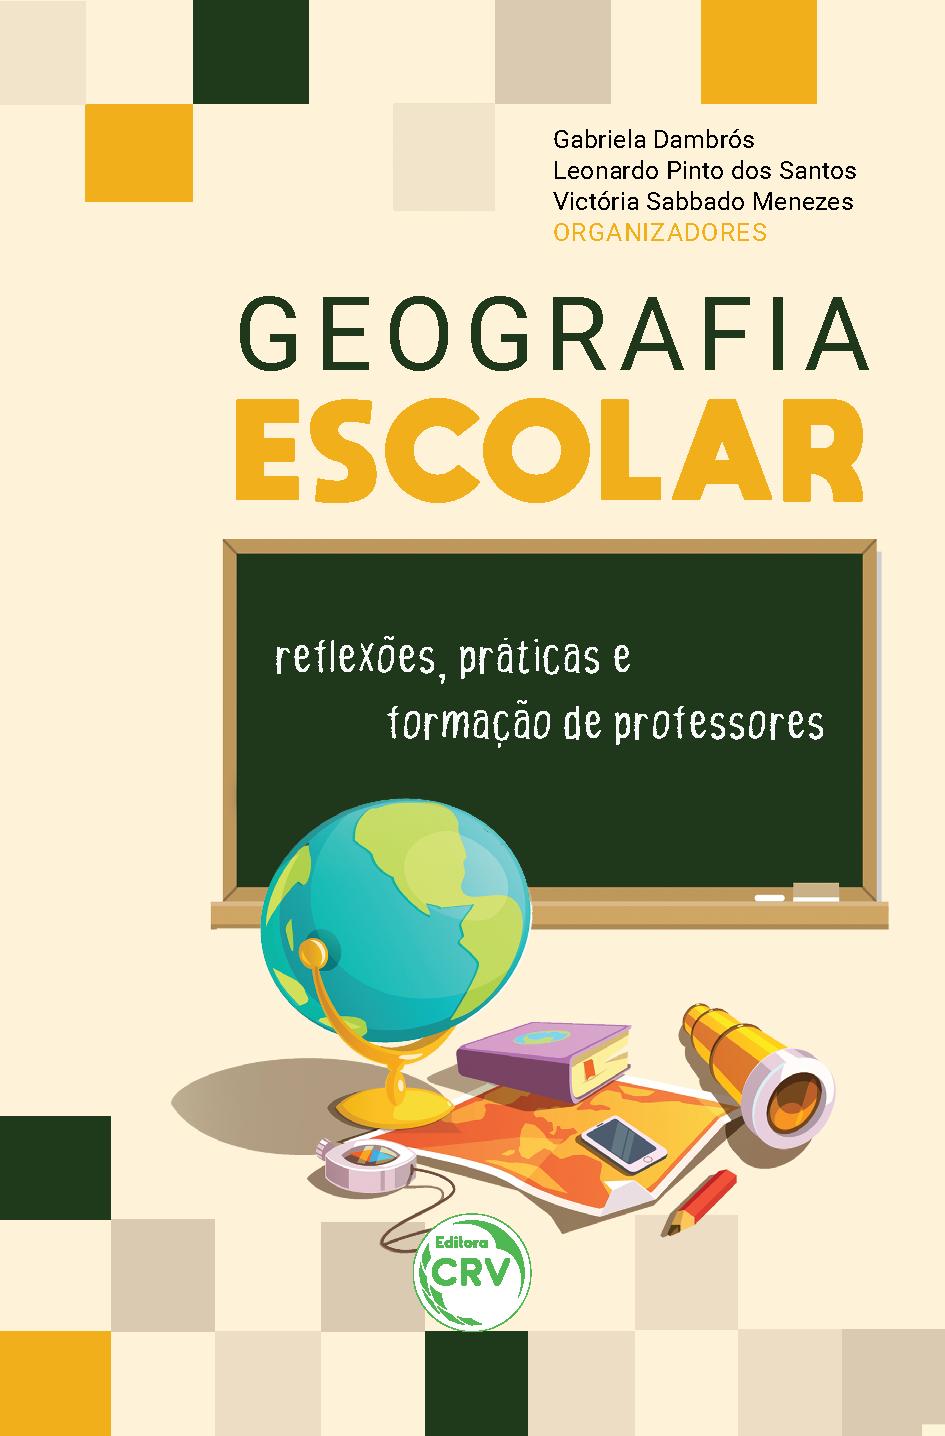 Capa do livro: GEOGRAFIA ESCOLAR: <br>reflexões, práticas e formação de professores